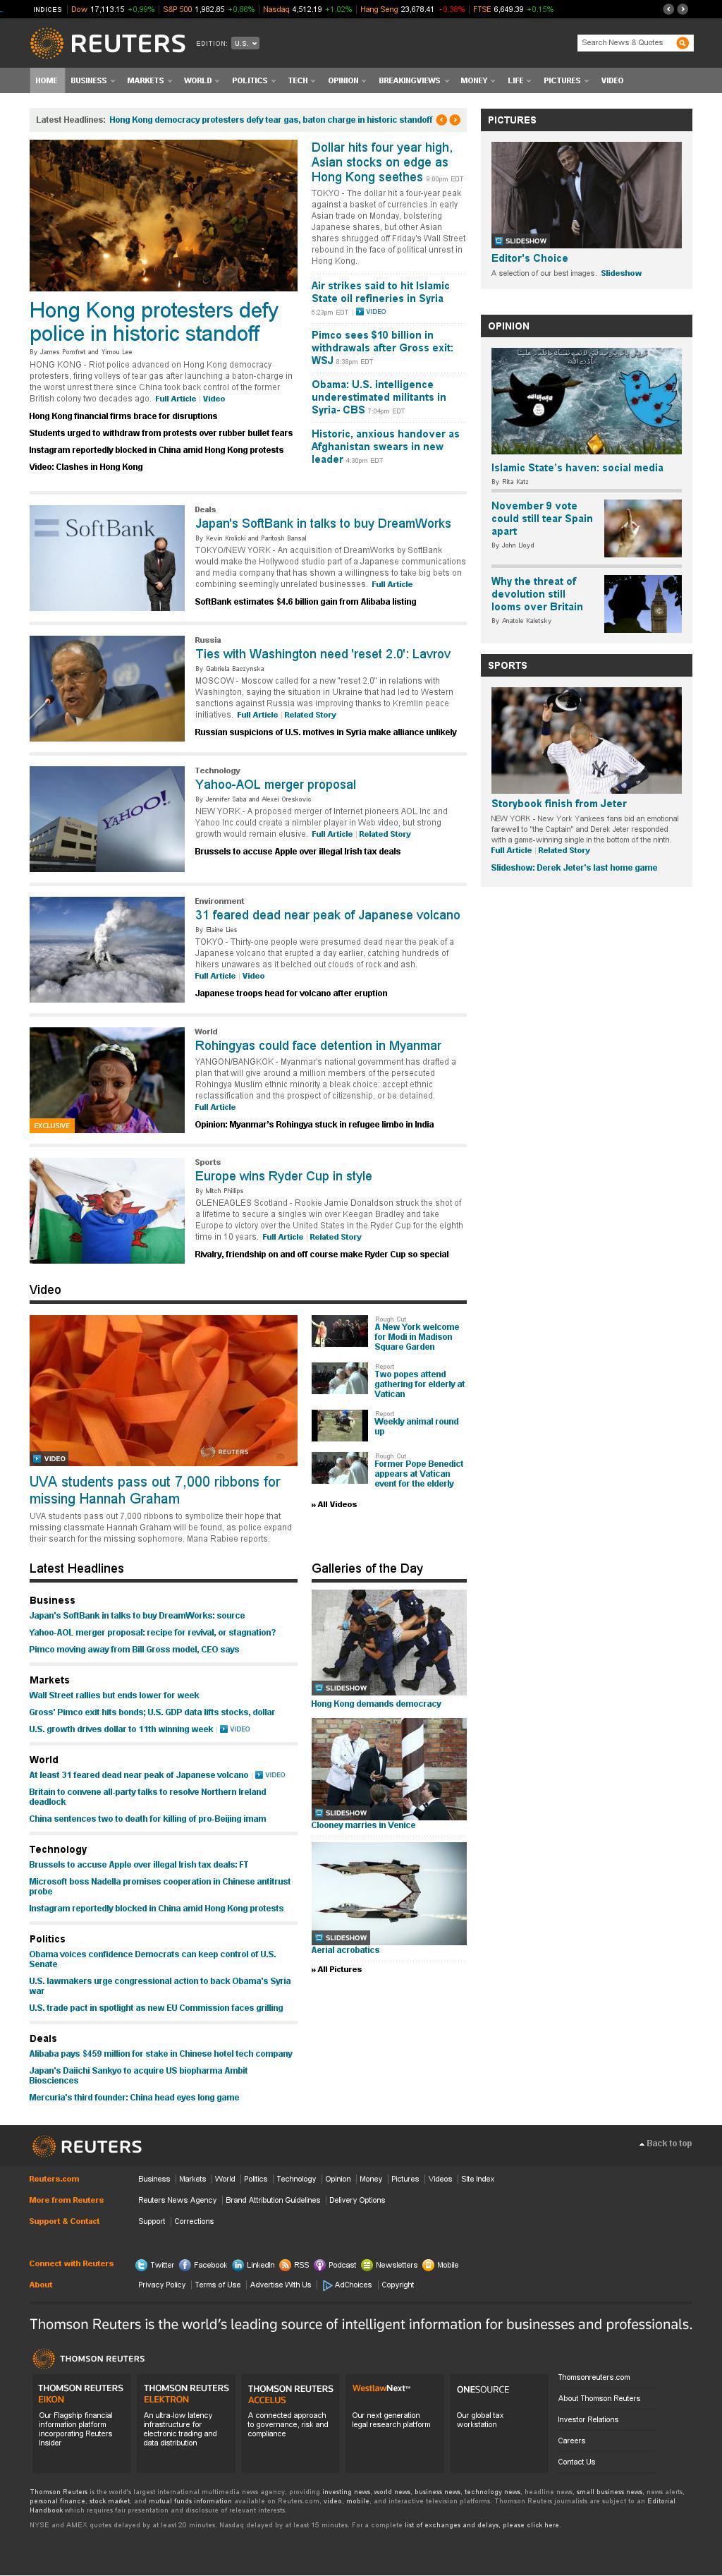 Reuters at Monday Sept. 29, 2014, 1:15 a.m. UTC